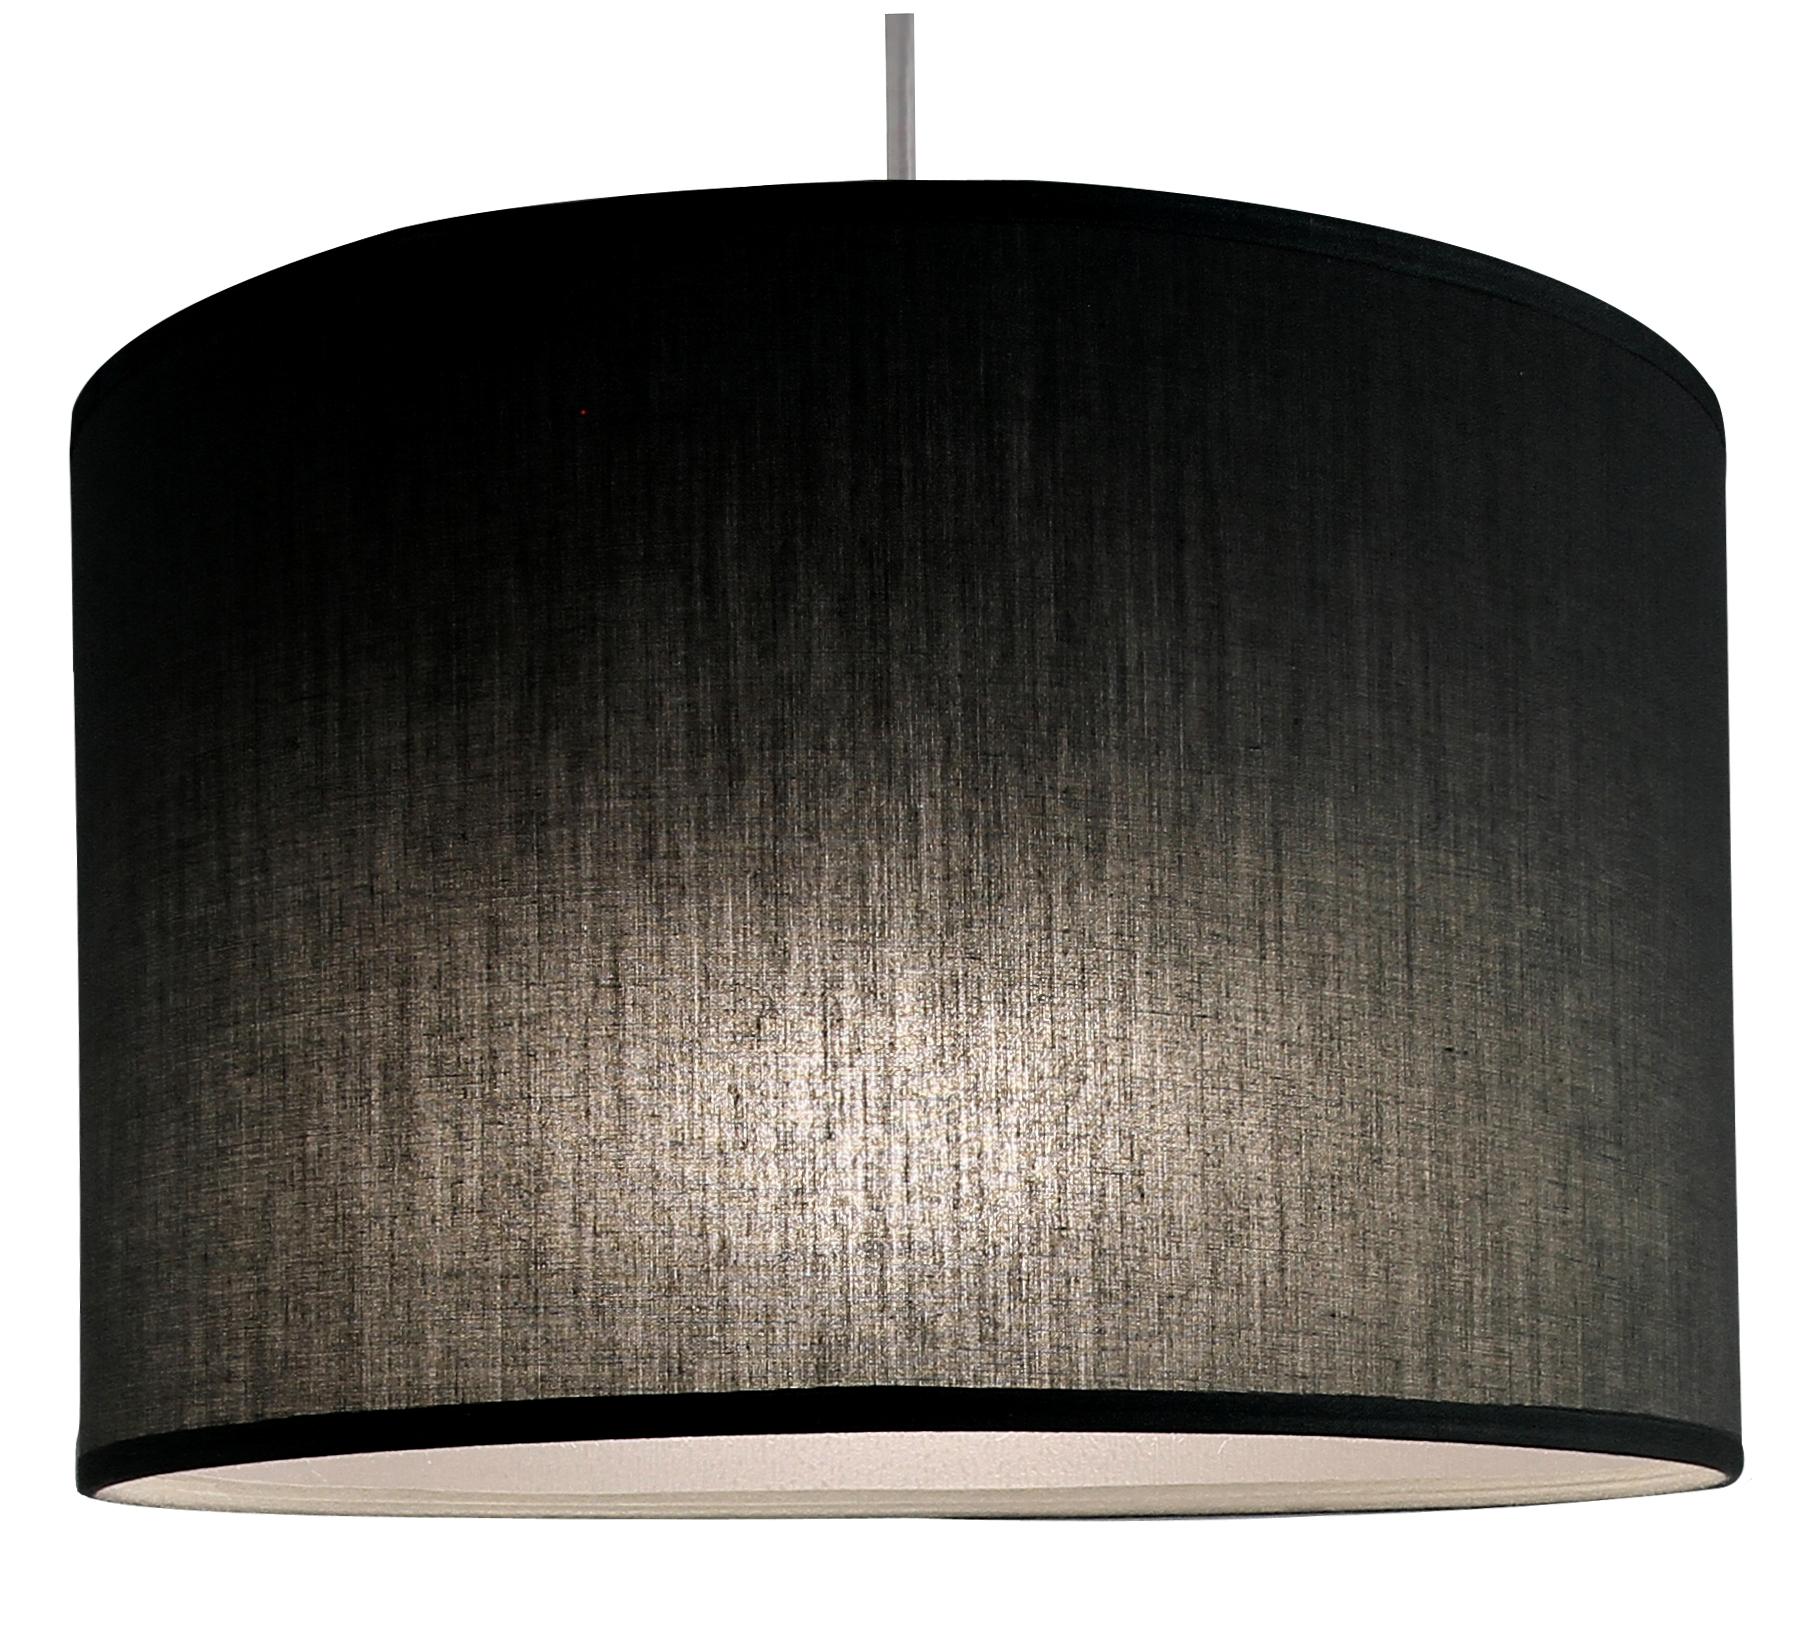 Suspension cylindre noir transparent, 29 cm